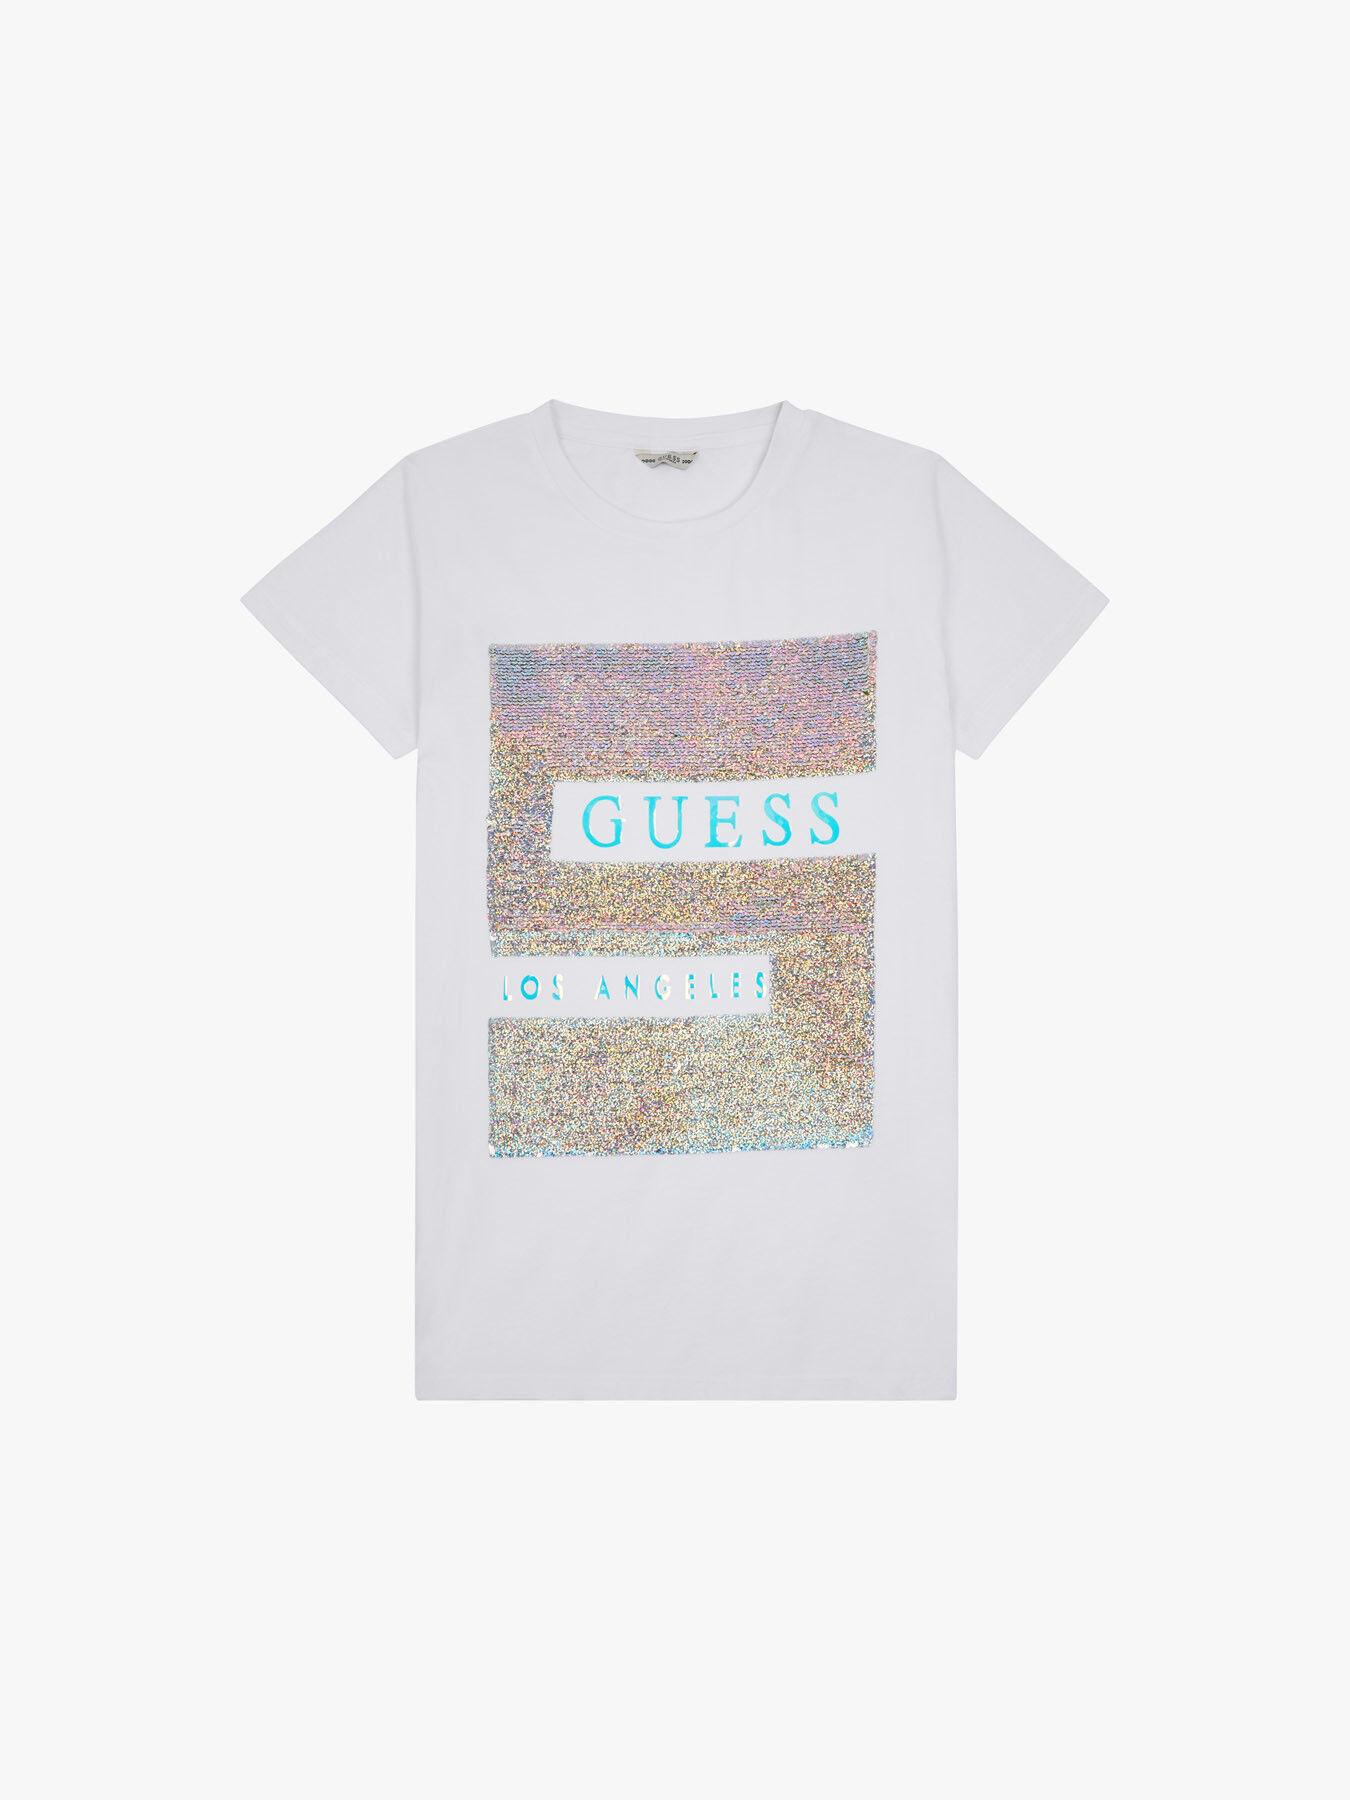 GUESS girls designer T-shirt was £19.00 now £9.50